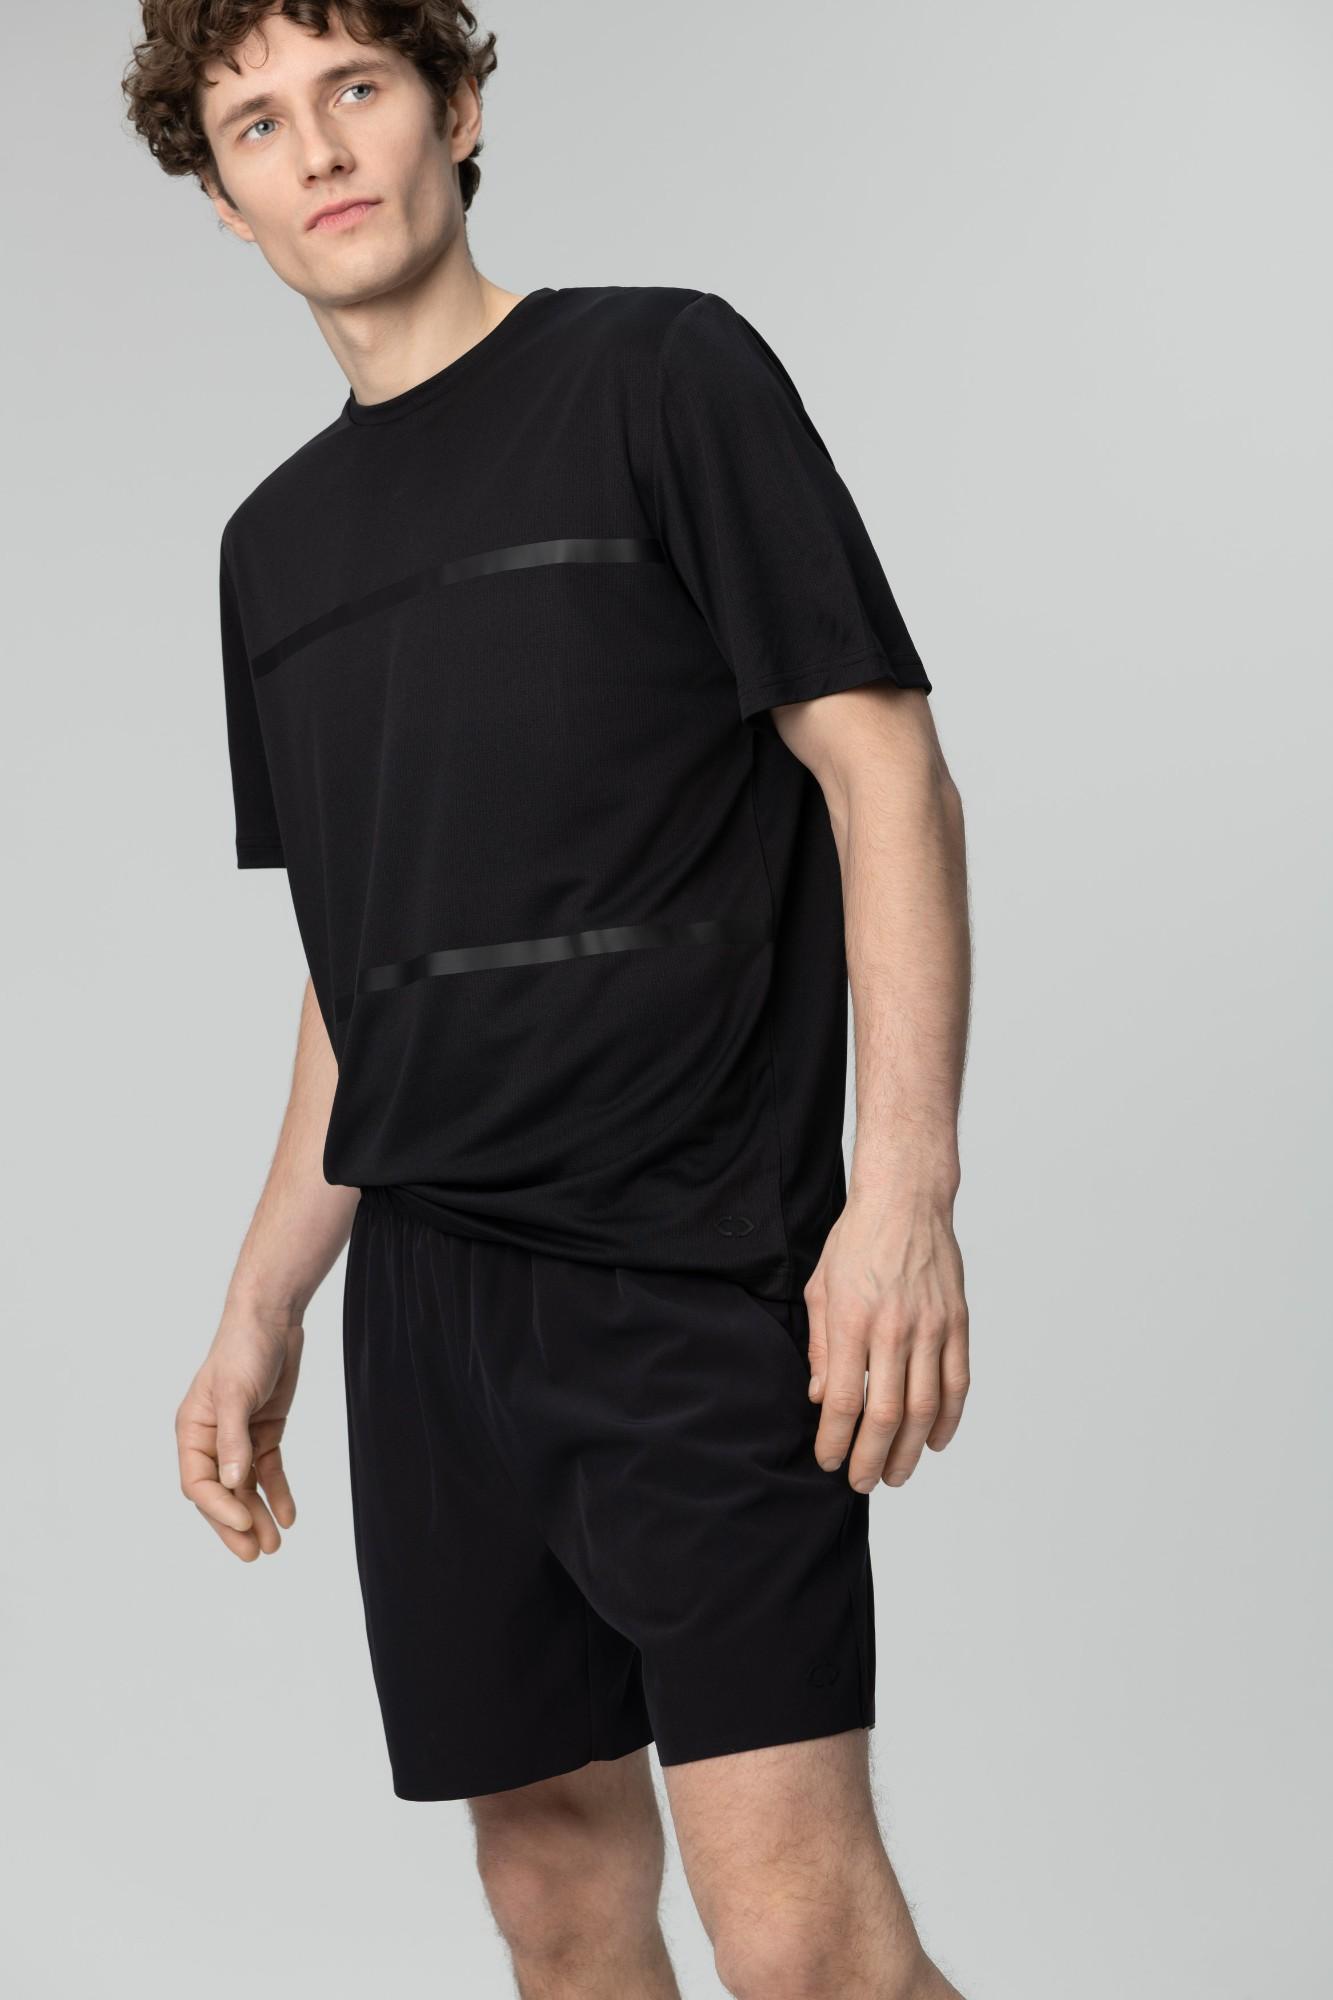 AUDIMAS Apranga Funkcionalūs marškinėliai 2011-495-1 Black L